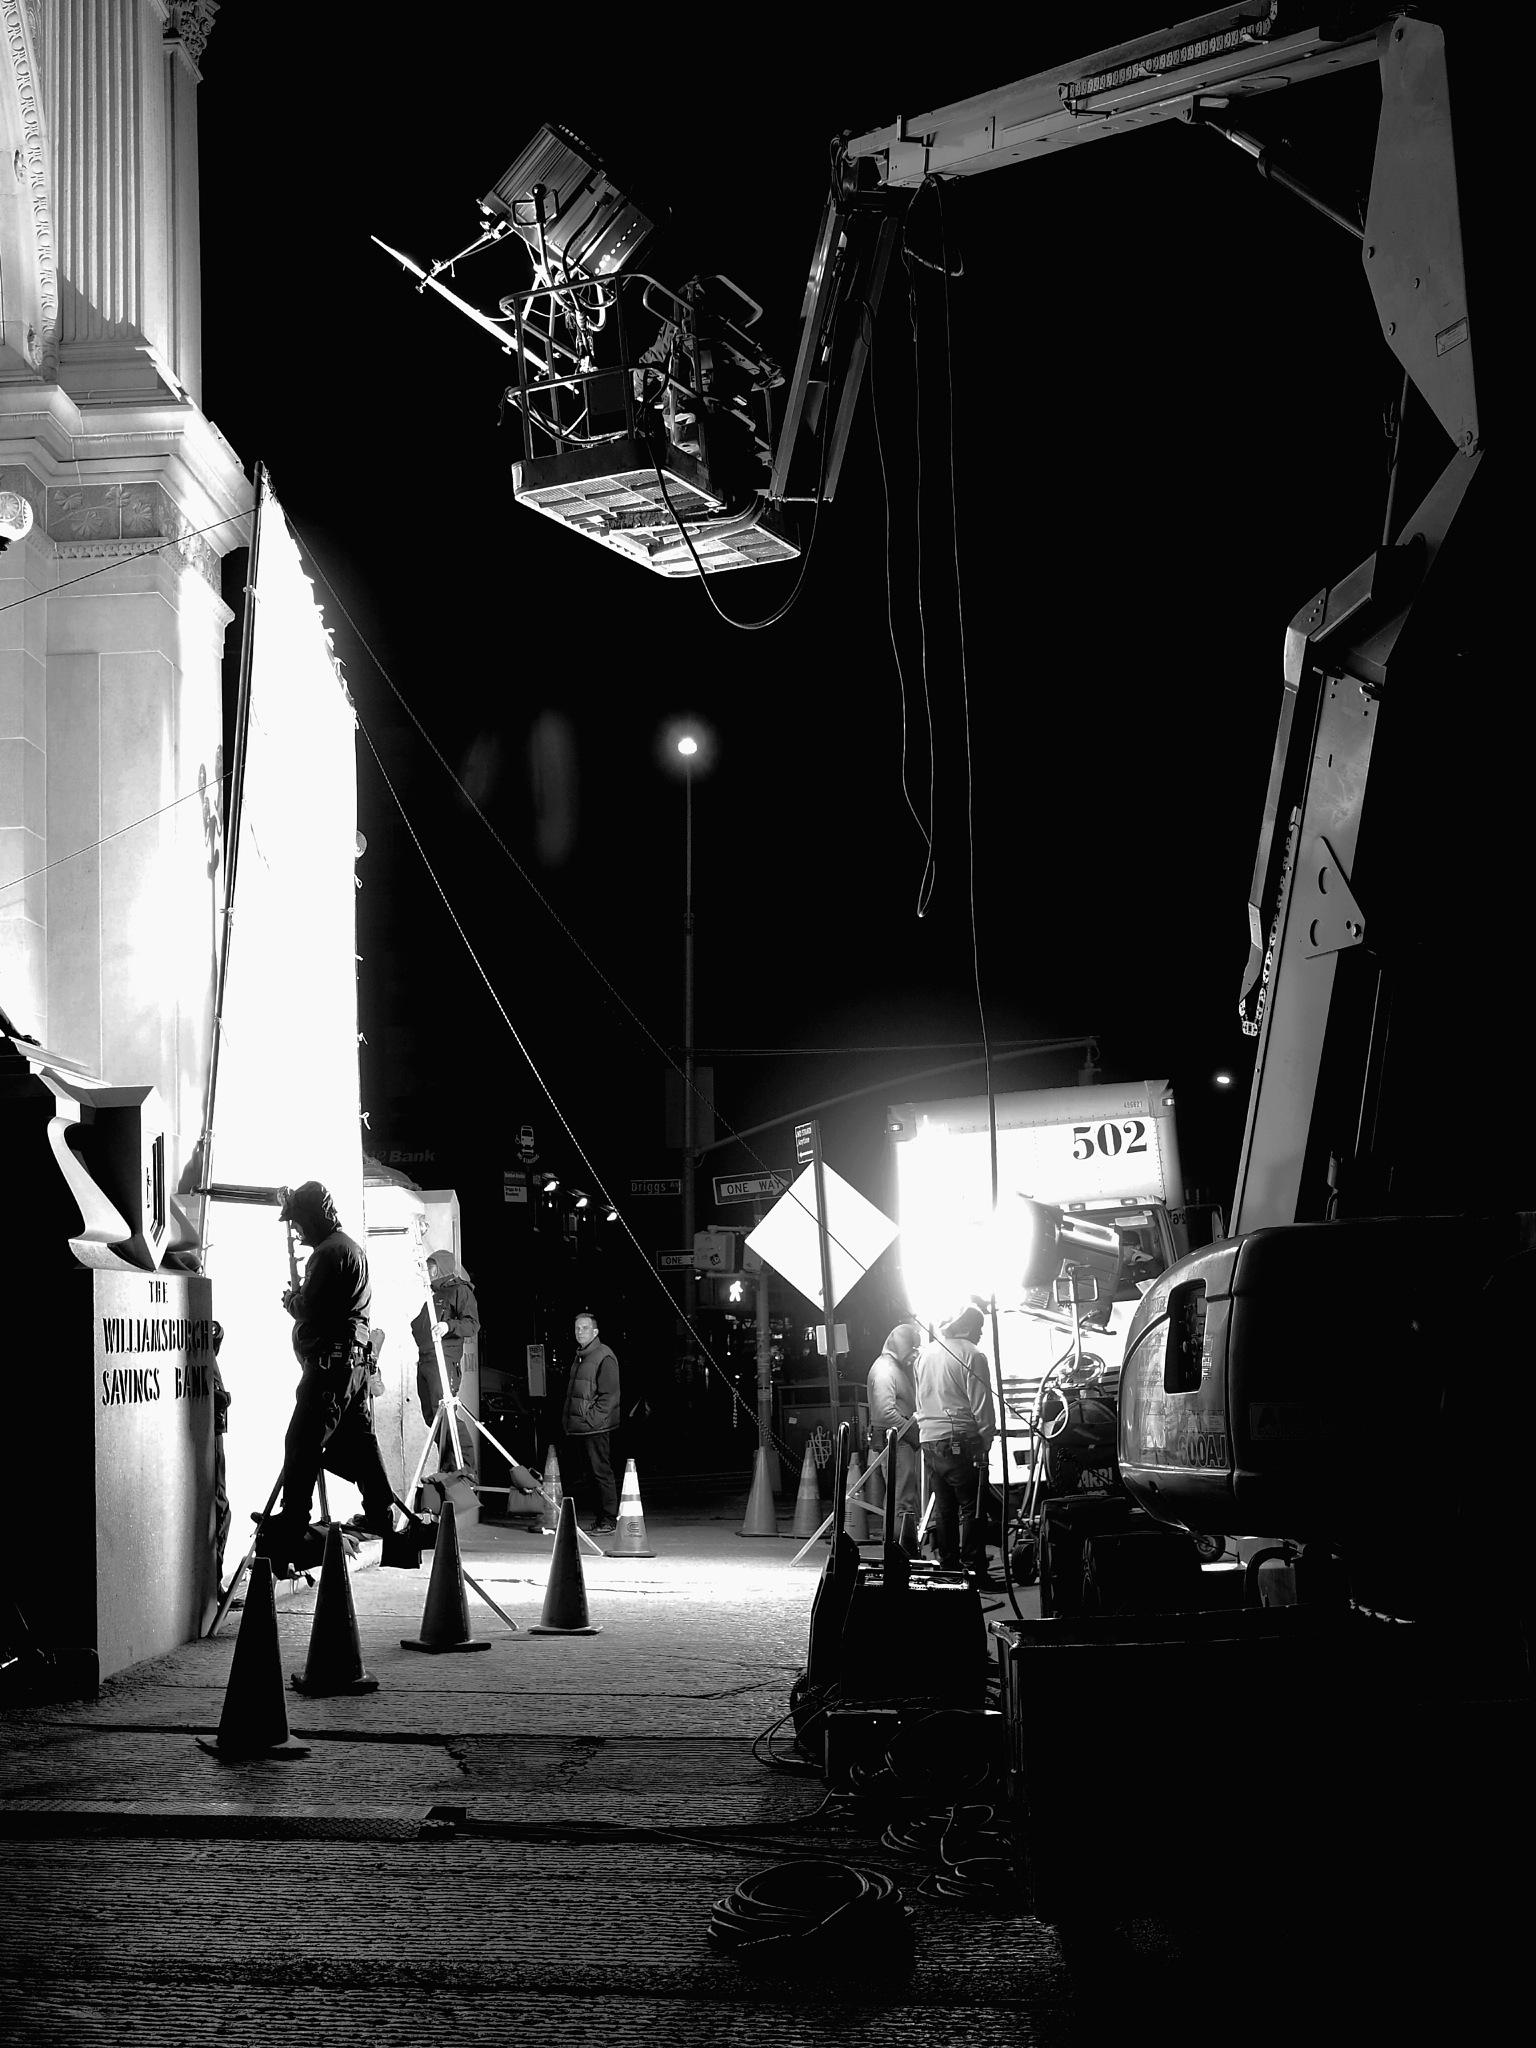 Un film, la nuit. by Cathy Crégniot